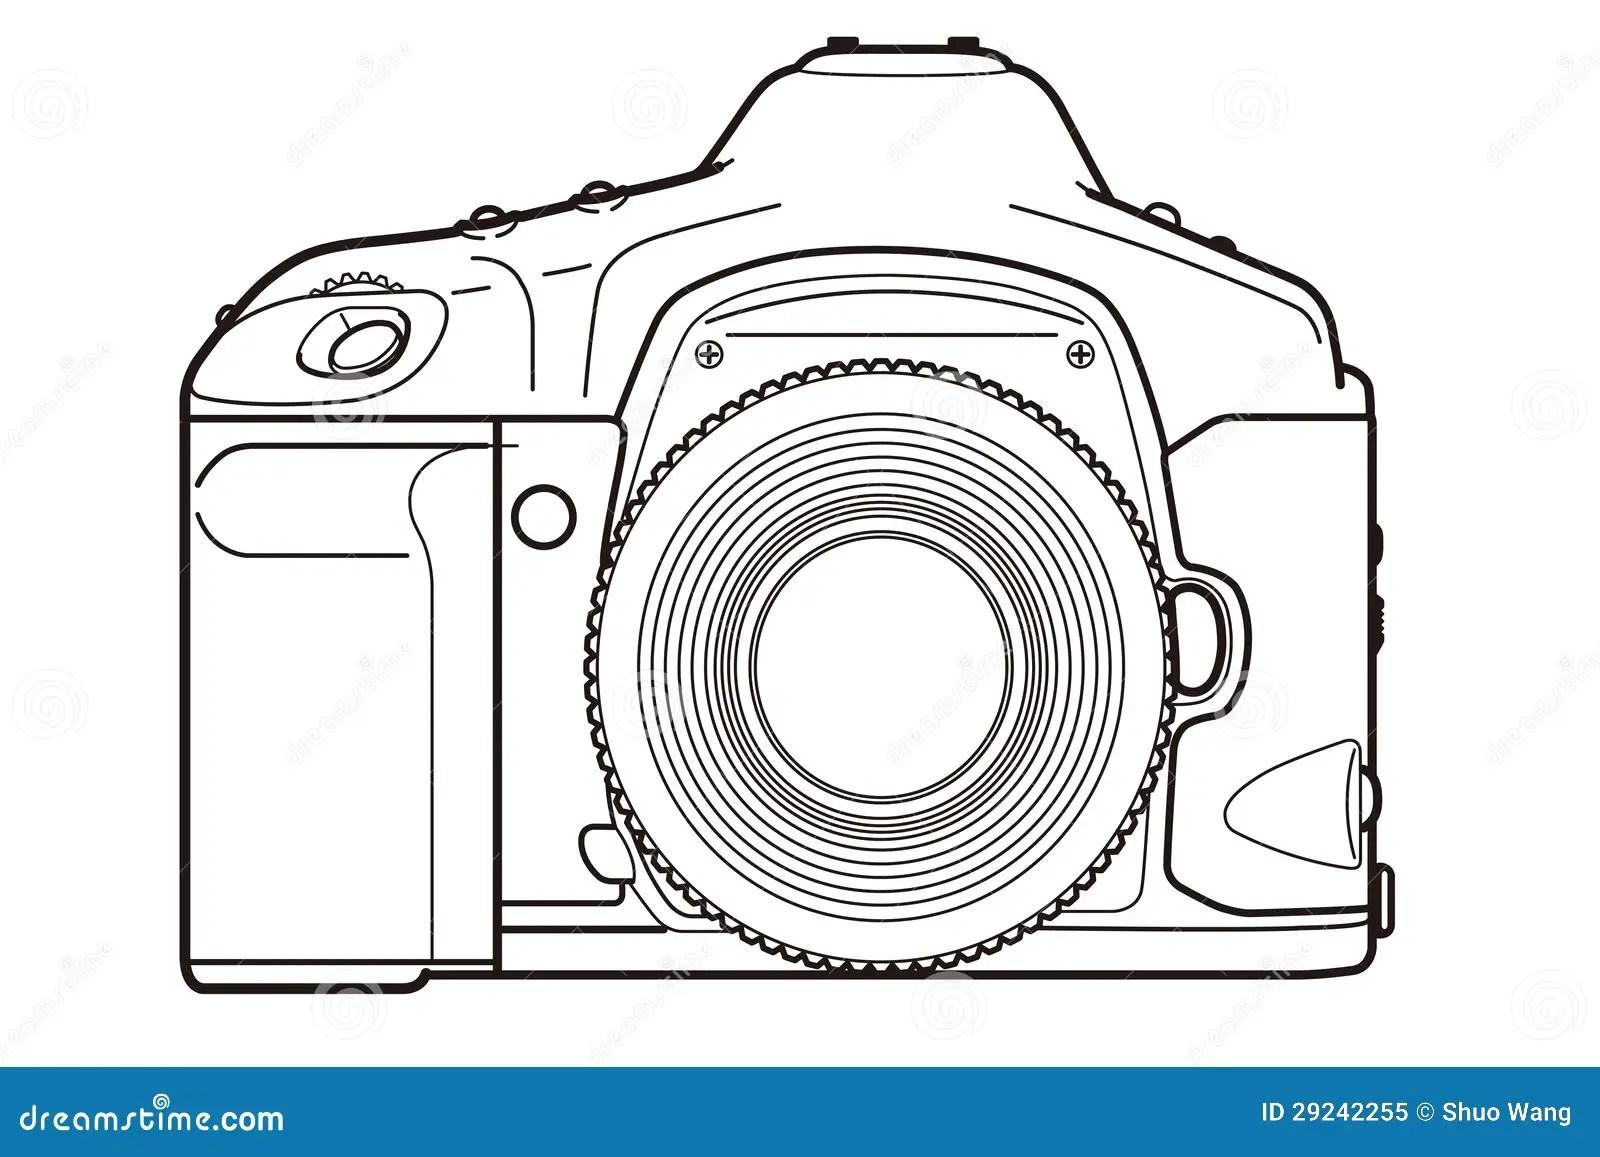 DSLR Camera stock illustration. Illustration of filter